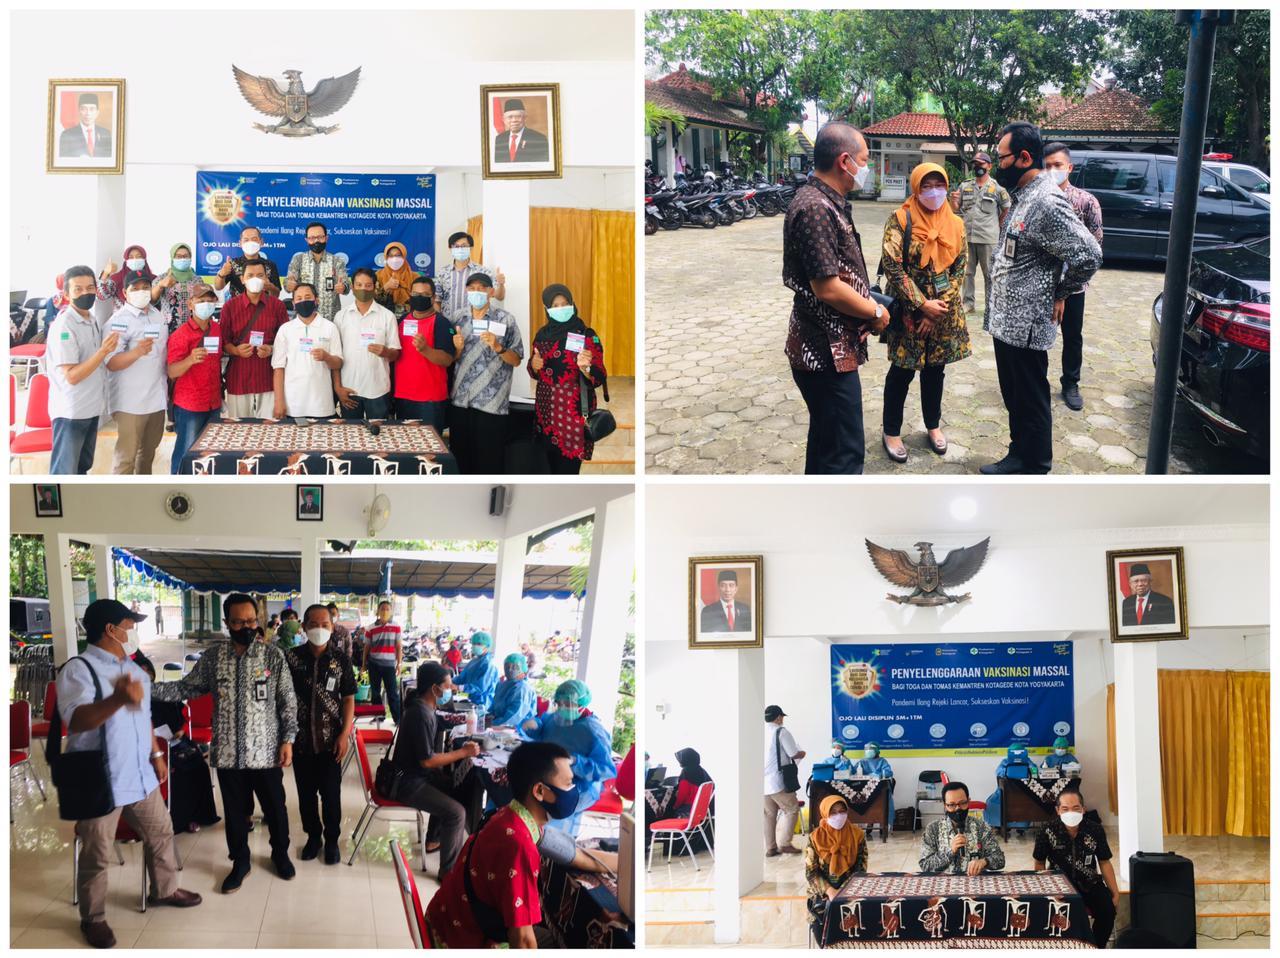 Wakil Walikota Yogyakarta Tinjau Langsung Vaksinasi untuk Tokoh Agama/Masyarakat di Kemantren Kotagede